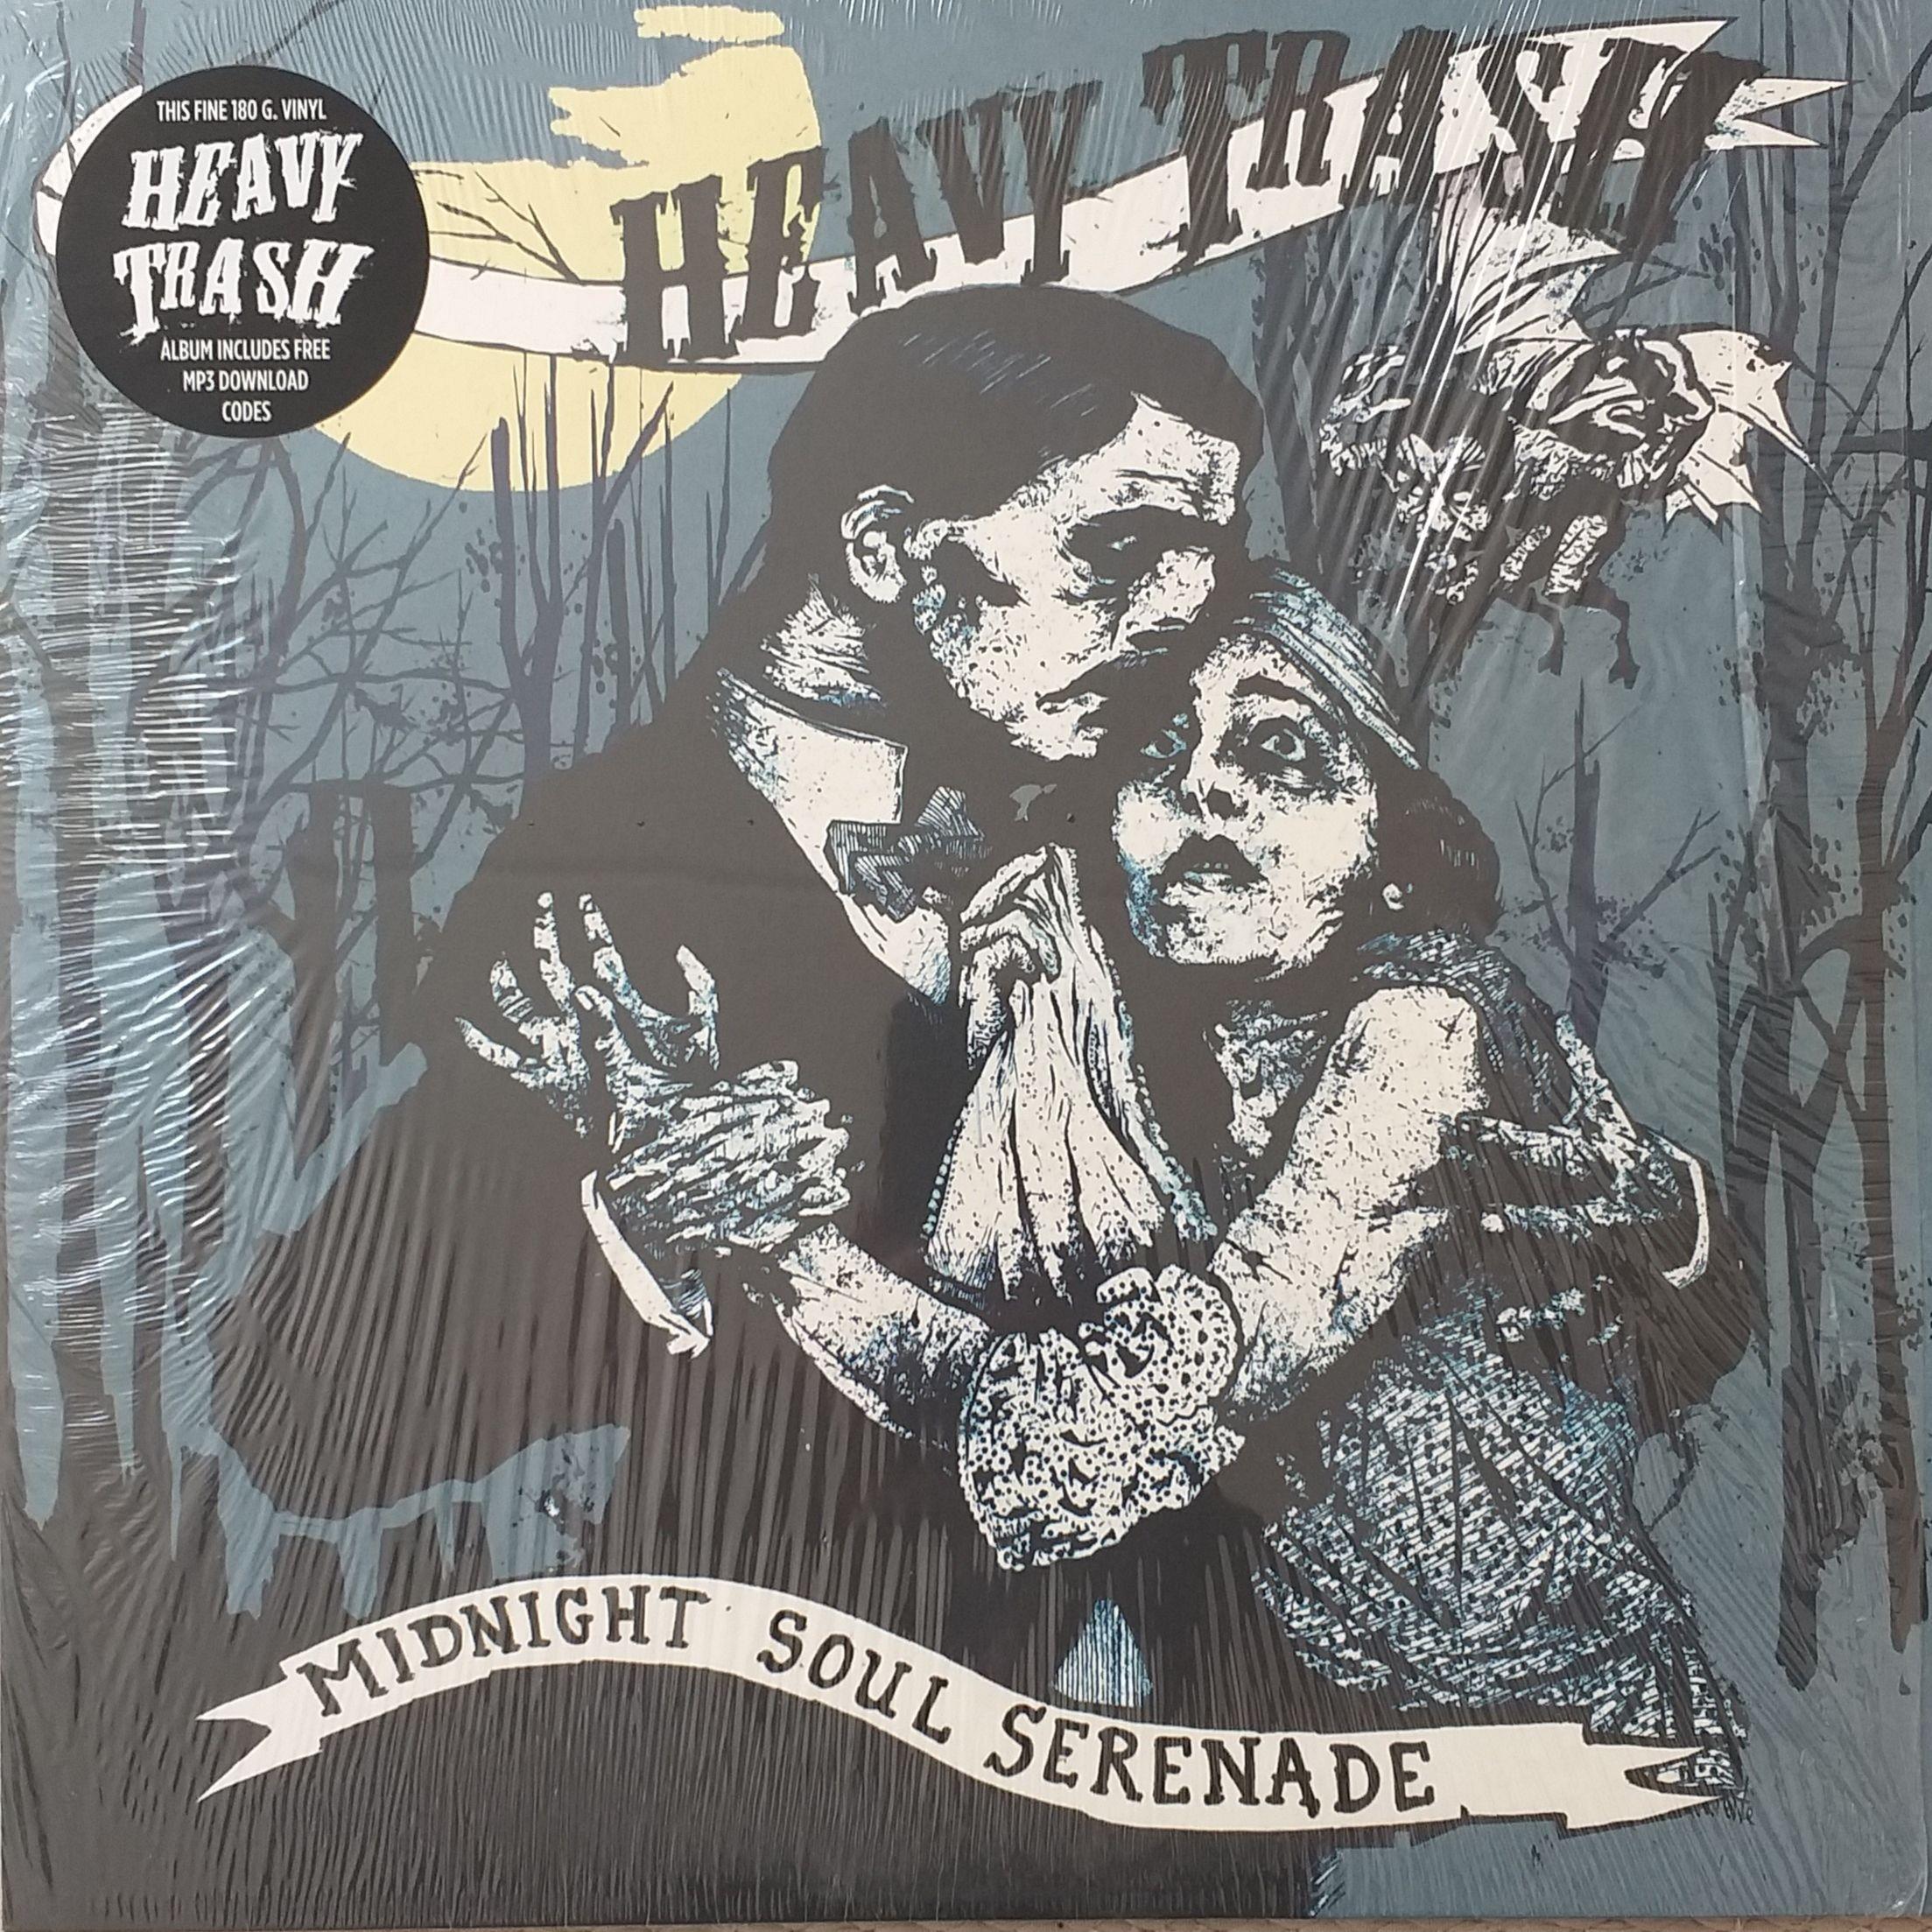 Heavy Trash Midnight soul serenade LP undefined